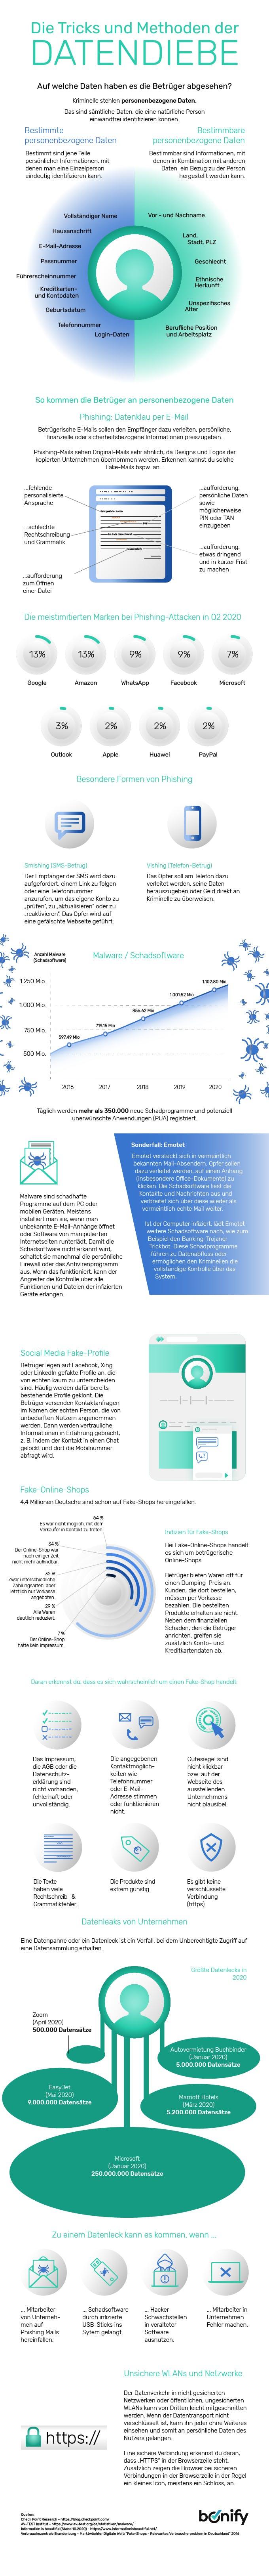 bonify IdentProtect Infografik 3 - Die Tricks und Methoden der Datendiebe / Identitätsdiebstahl